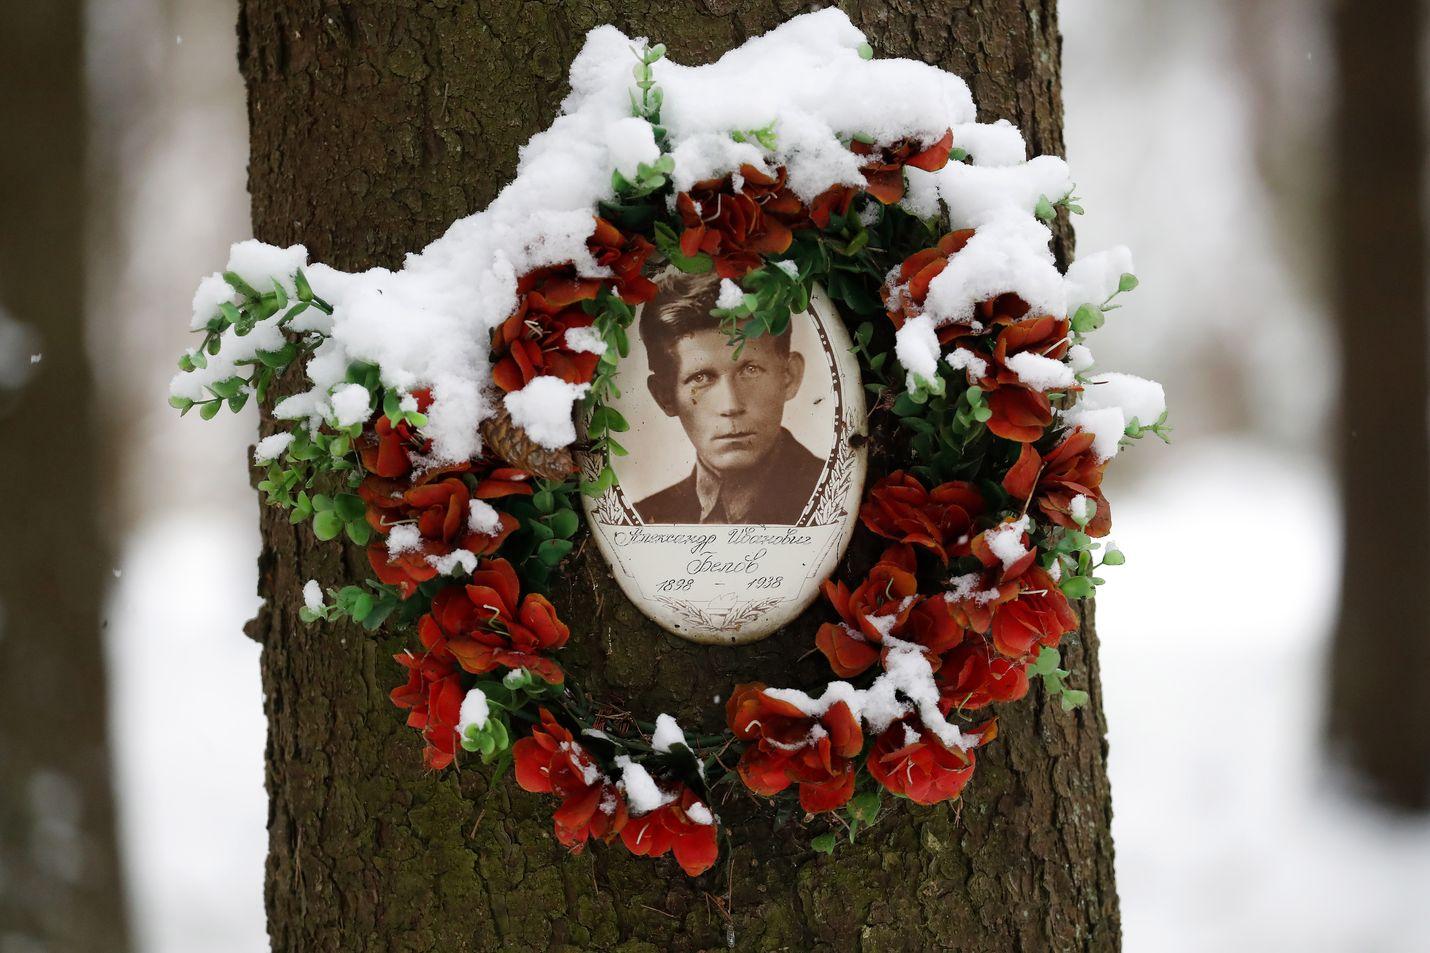 """Historiantutkijat ja vapaaehtoiset tekevät työtä henkilöllisyyden, kuten nimen, palauttamiseksi vainotuille ja tapetuille """"kansanvihollisille"""": Pietarin ulkopuolella Levashovossa lepää yksi monista, 1938 surmattu Aleksandr Belov."""